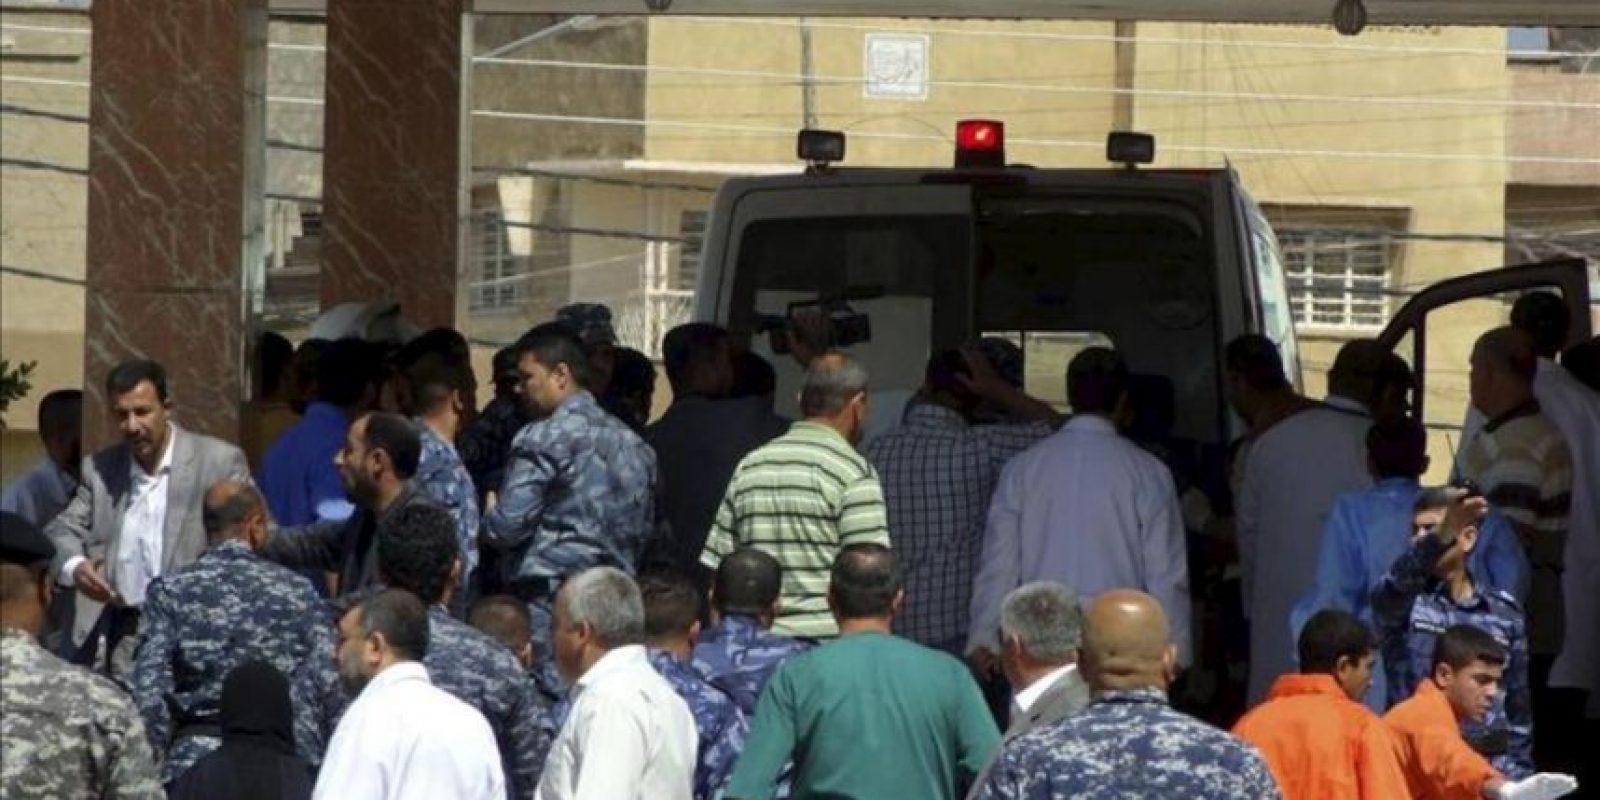 Policías iraquíes hacen guardia junto a una ambulancia que transporta un manifestante herido tras los enfrentamiento con soldados iraquíes, en Kirkuk, Irak, hoy martes 23 de abril de 2013. EFE